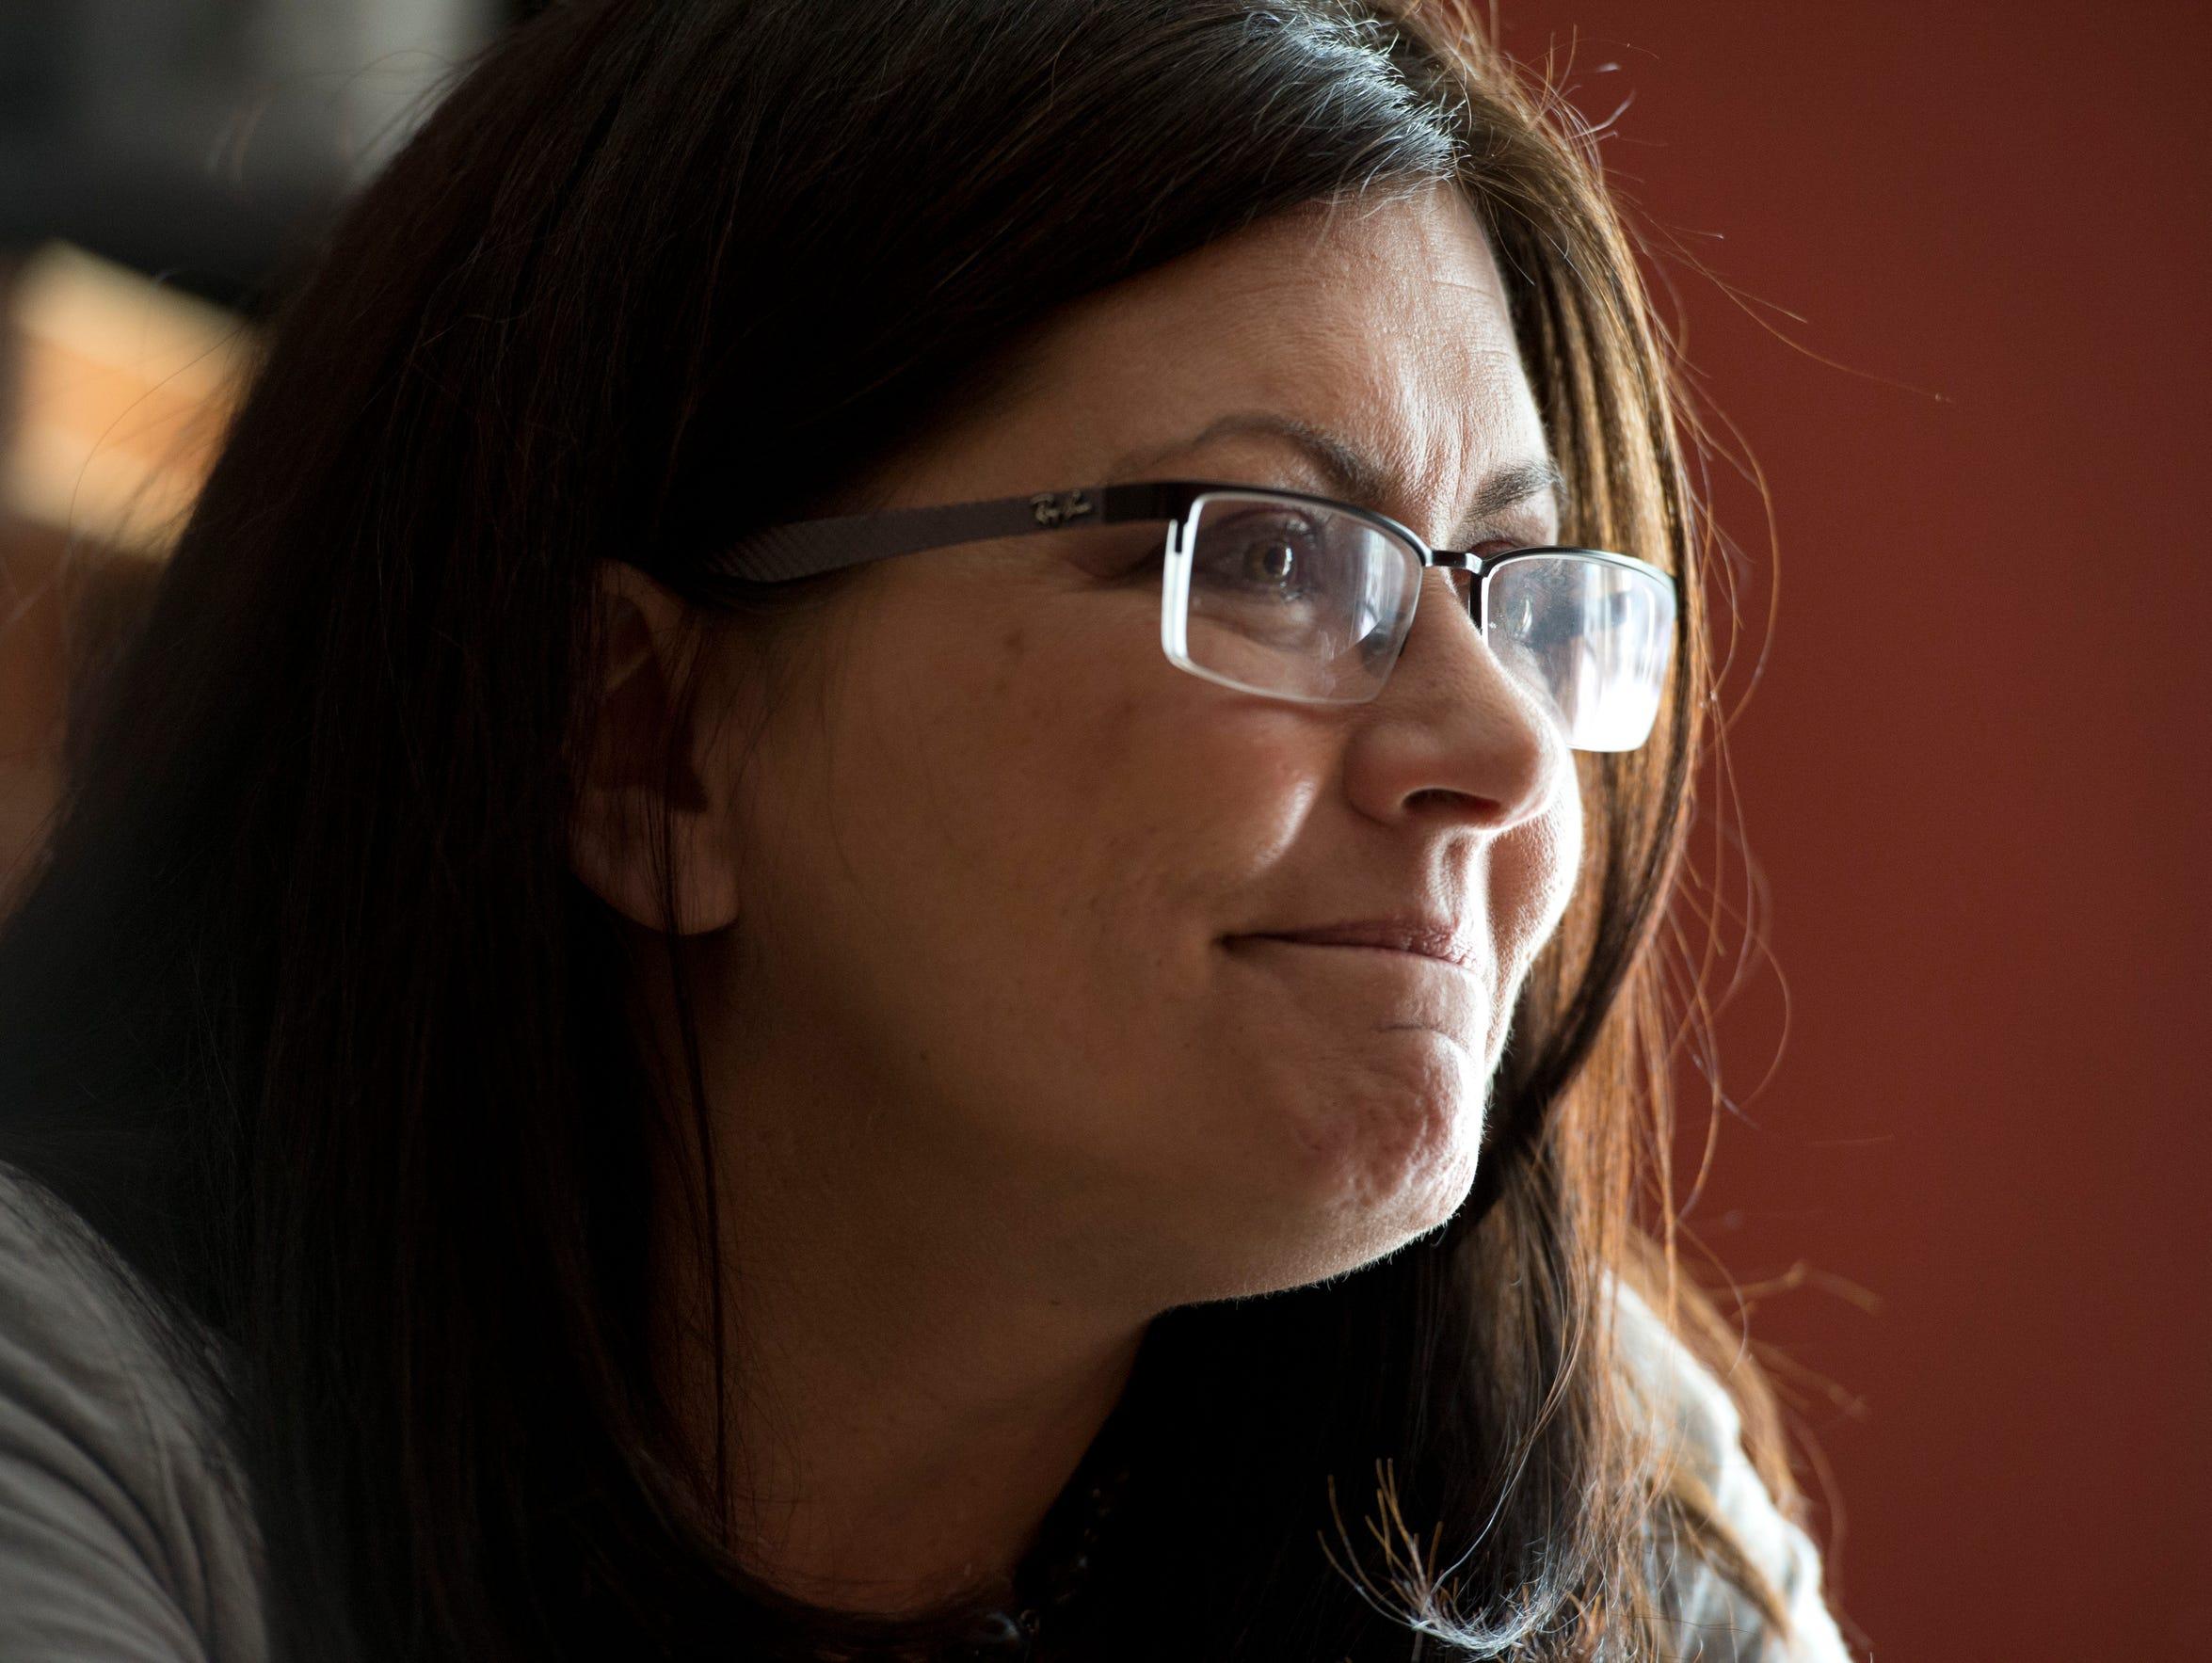 Laura Pogliano talks about her son, Zac Pogliano, who